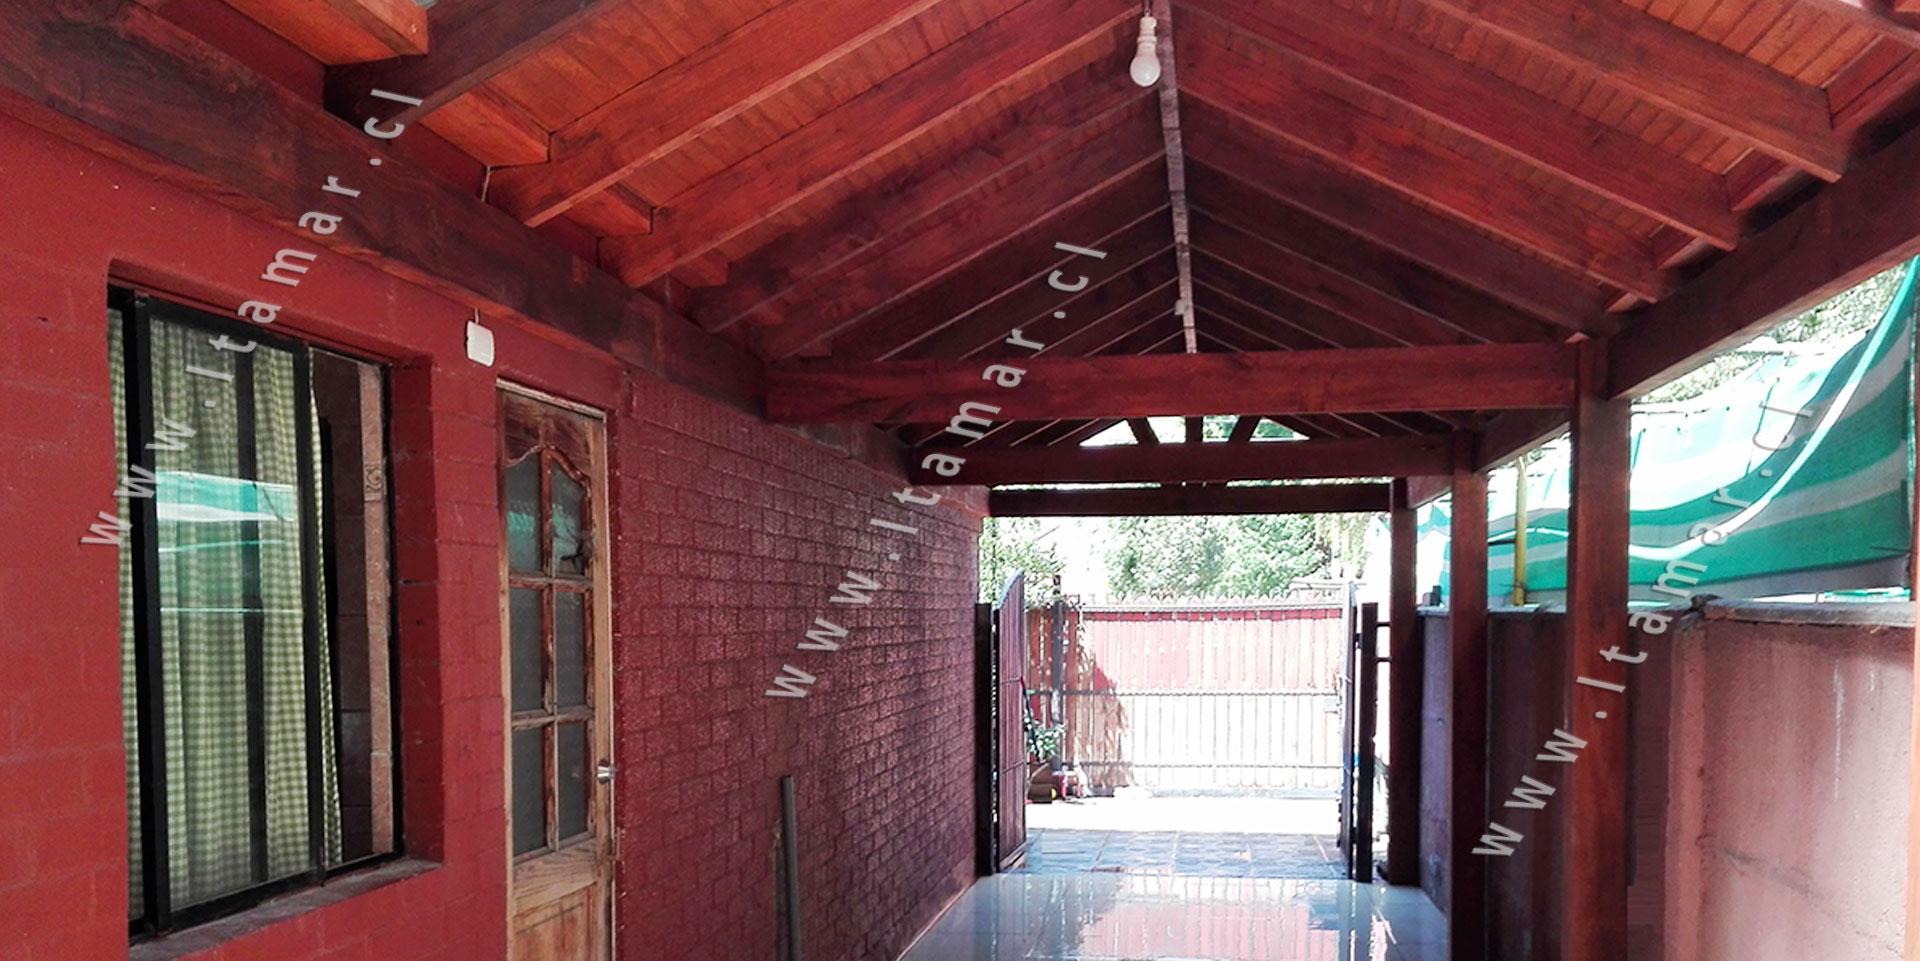 Estructuras de roble cobertizos de madera techos de for Cobertizo de madera para terraza